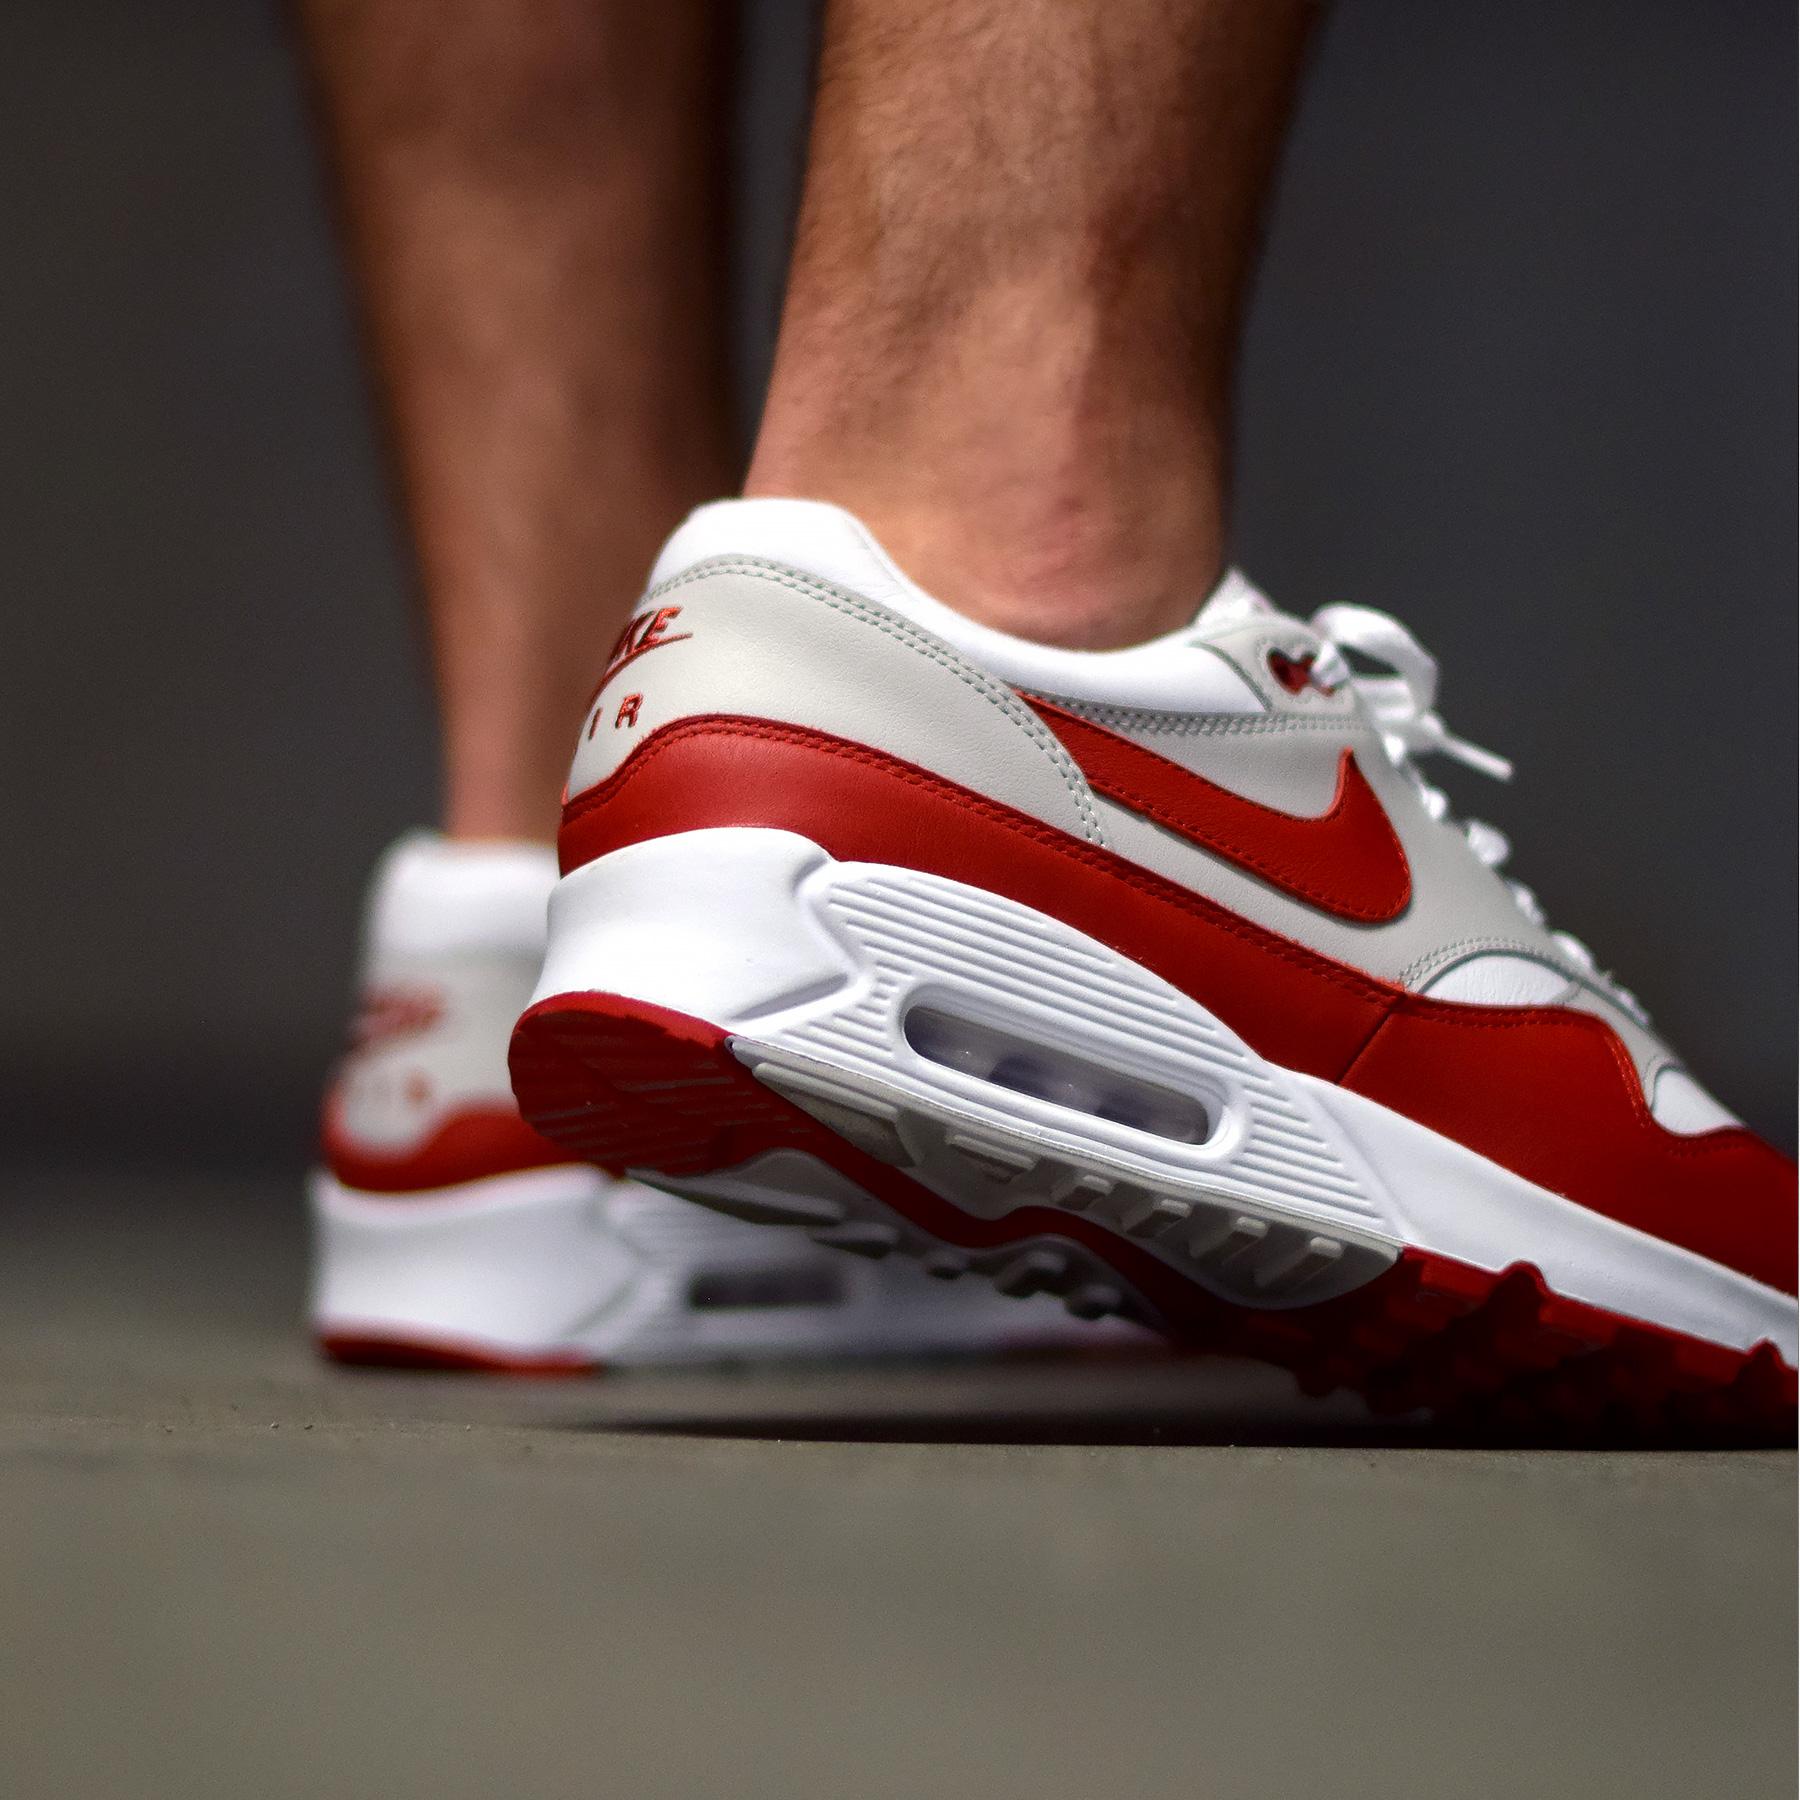 Nike Air Max 901 University Red